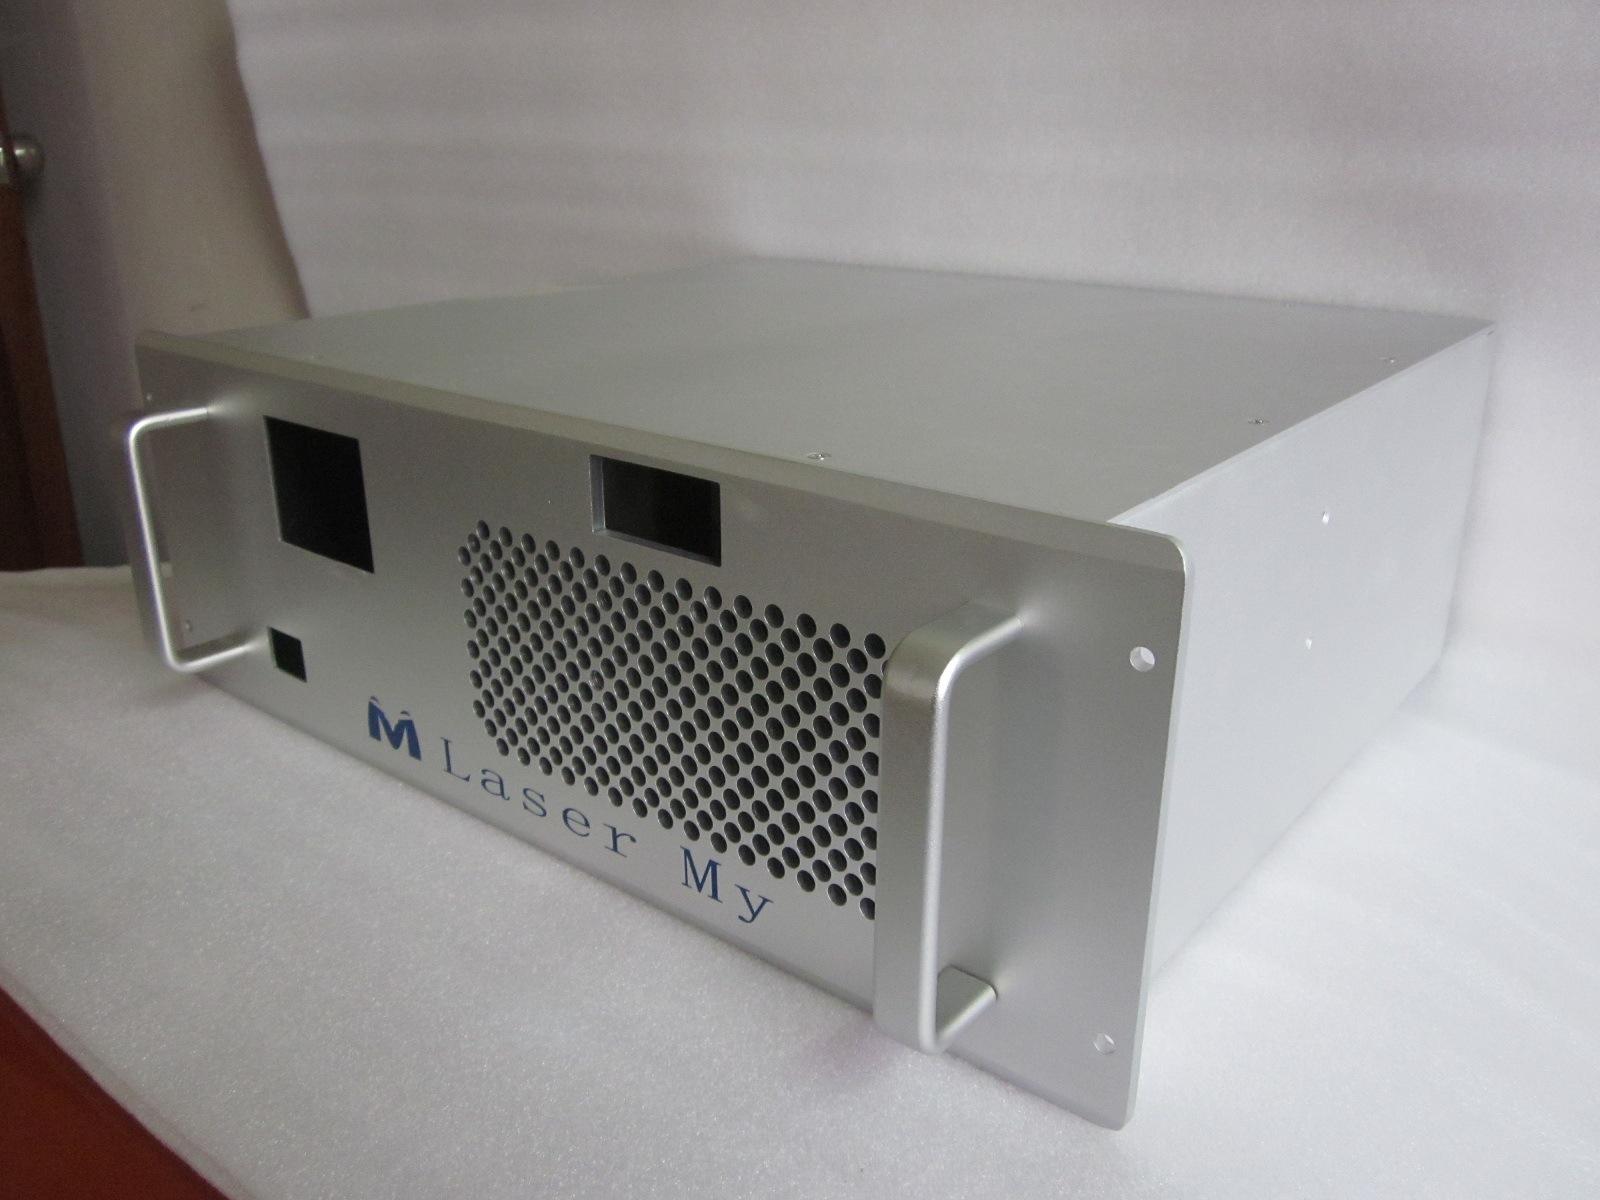 供应蓄电池机箱、工控3U机箱加工、五金机箱加工公司